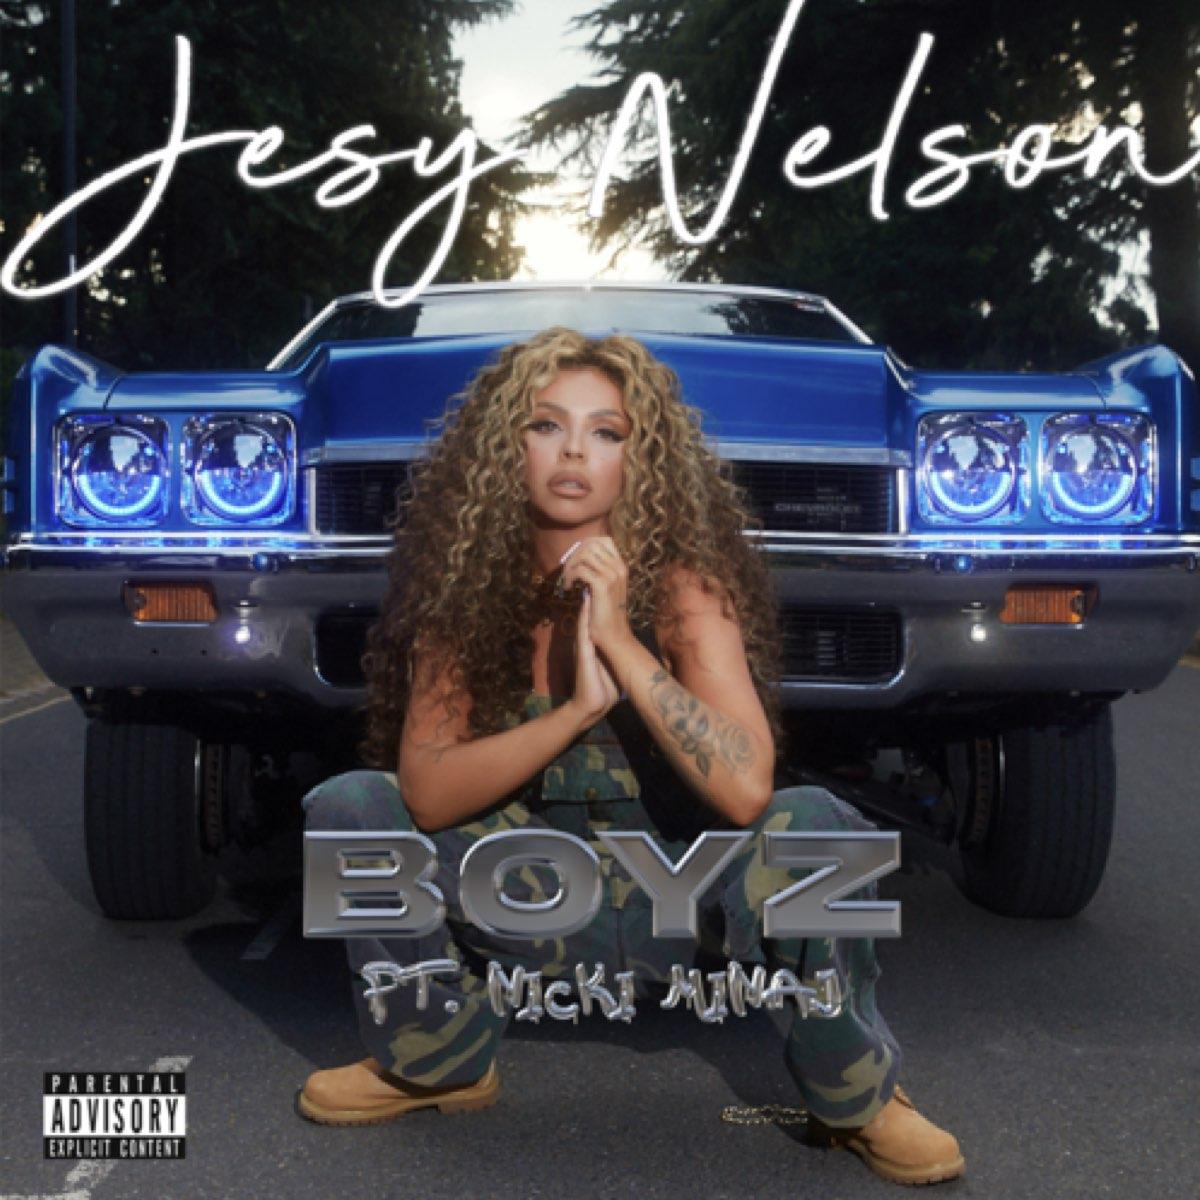 Jesy Nelson - Boyz feat Nicki Minaj [CD SINGLE AUTOGRAFADO]